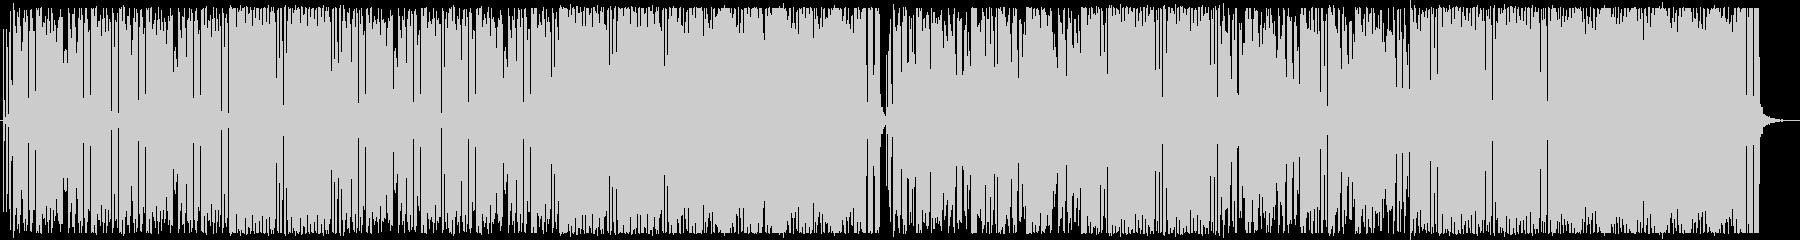 2管の能天気なJazzFunkの未再生の波形